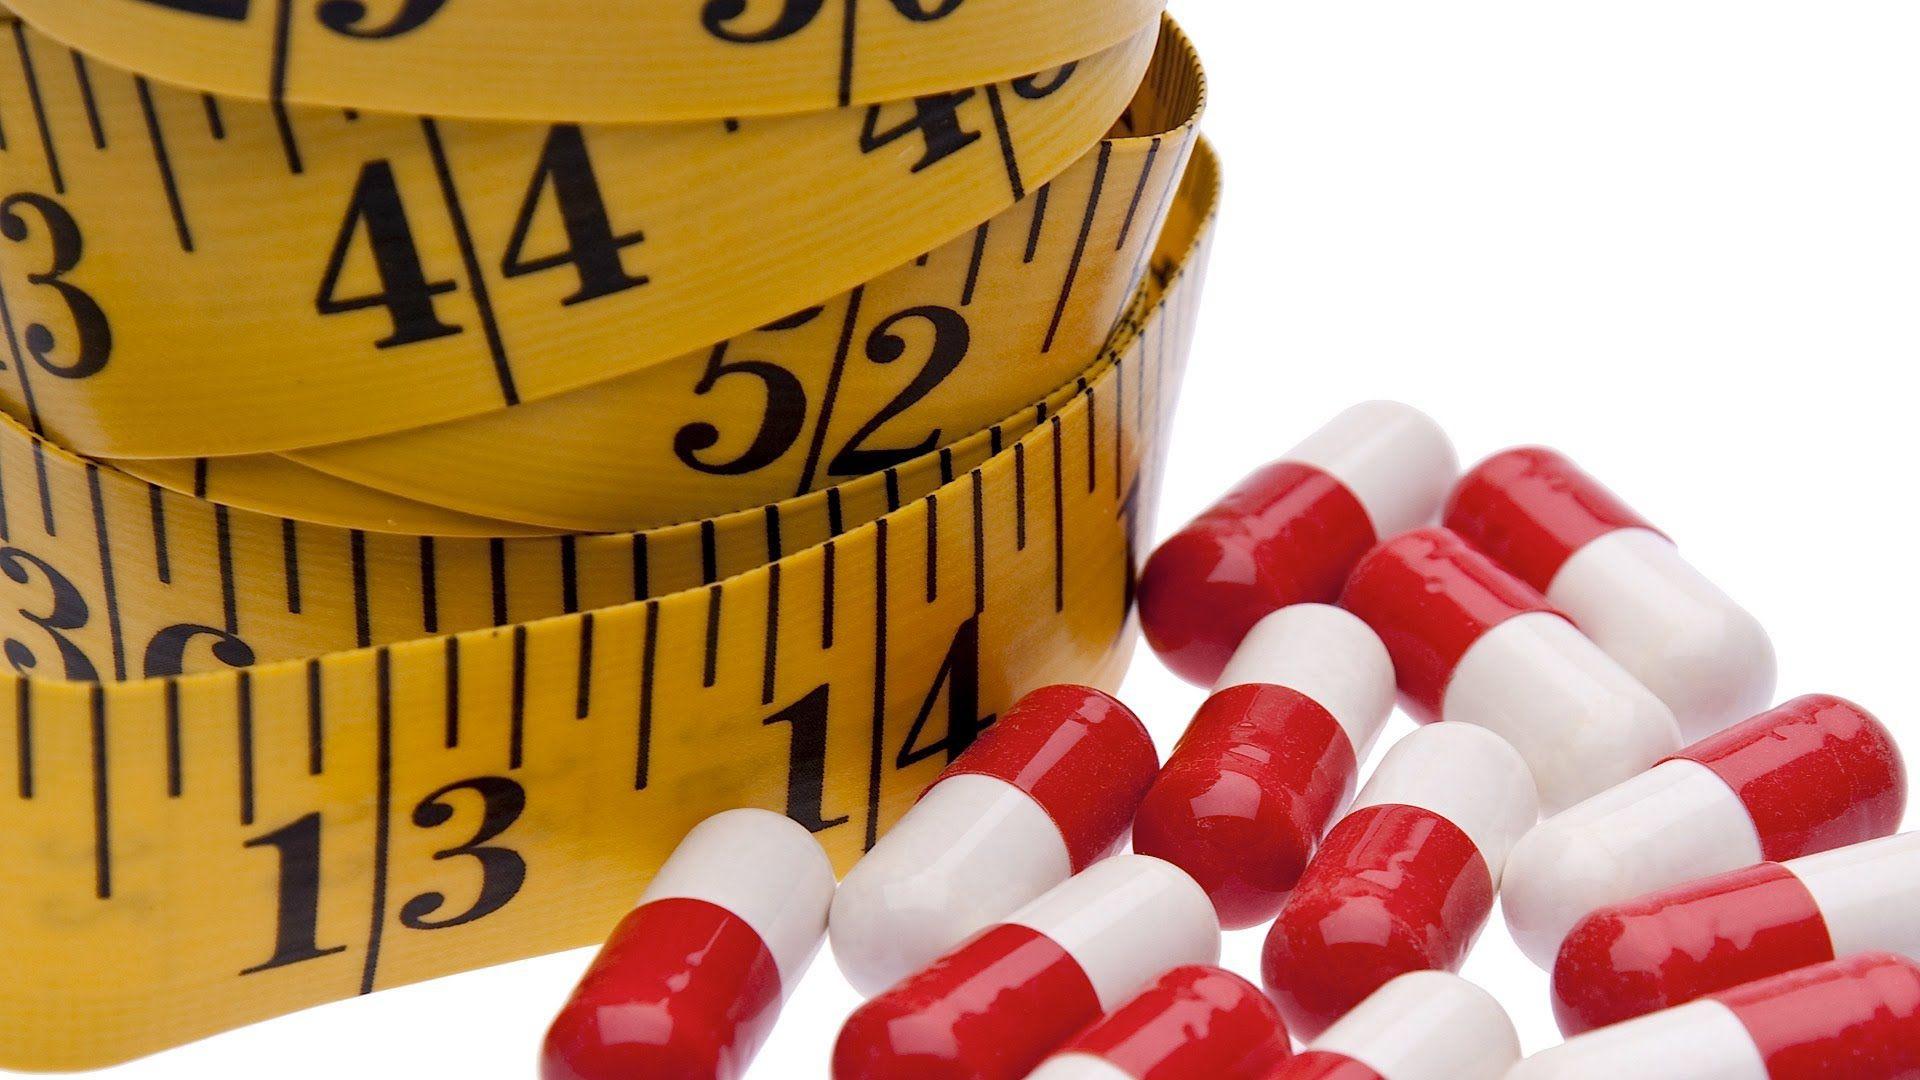 Как быстро похудеть мужчине в домашних условиях: эффективные диеты и упражнения